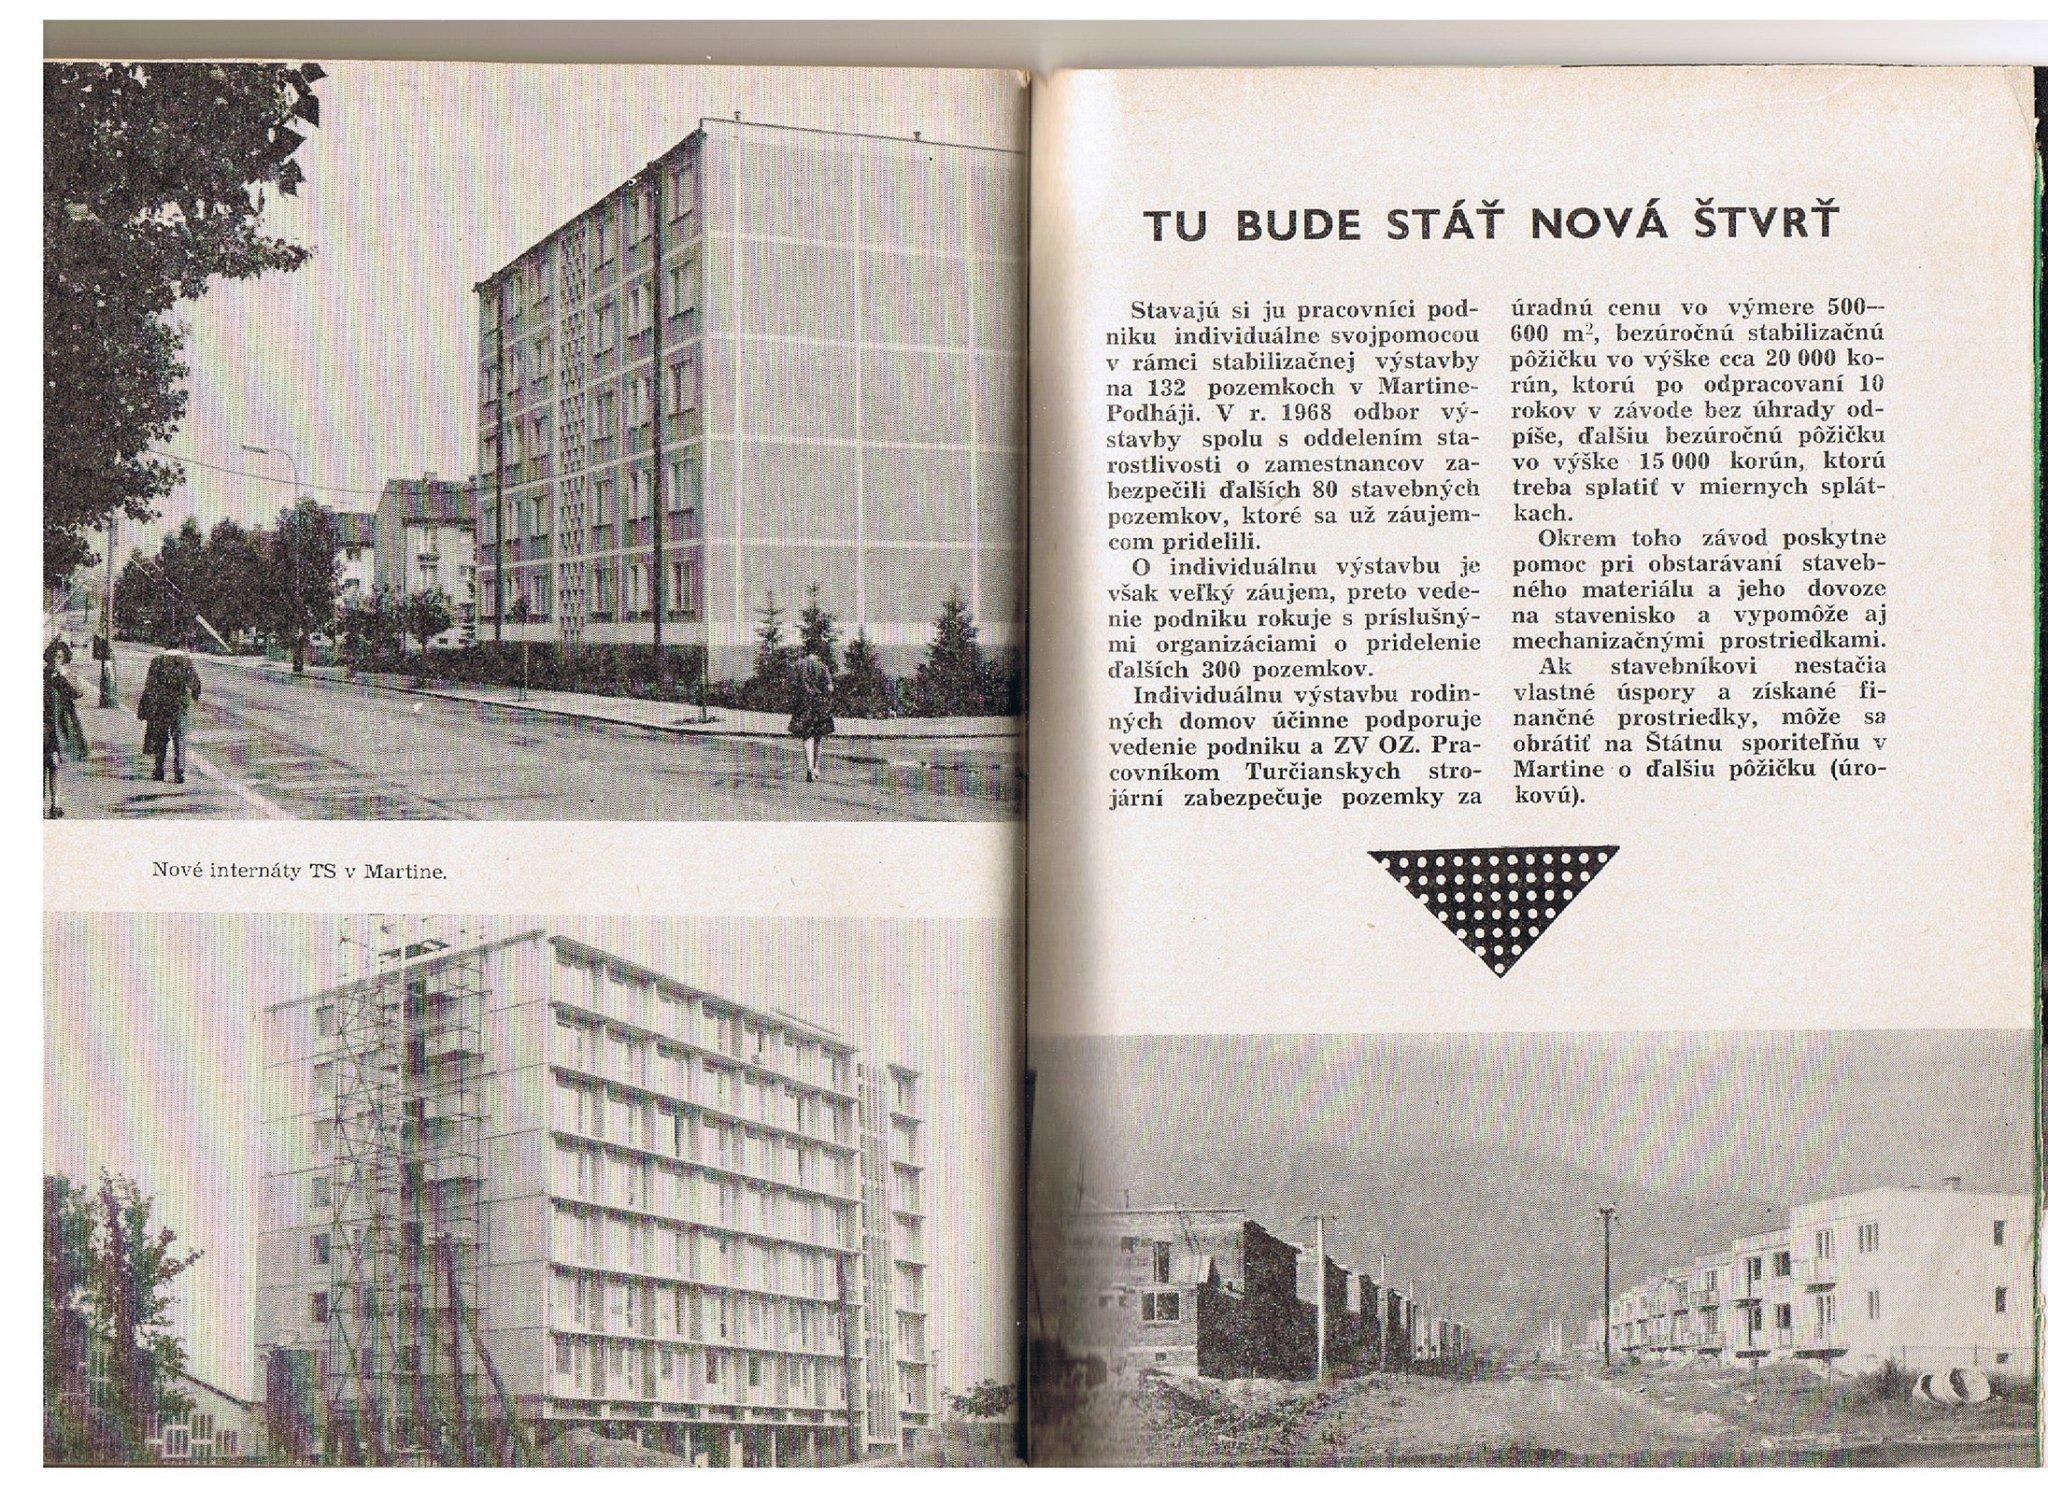 Internáty v mt, 70te roky